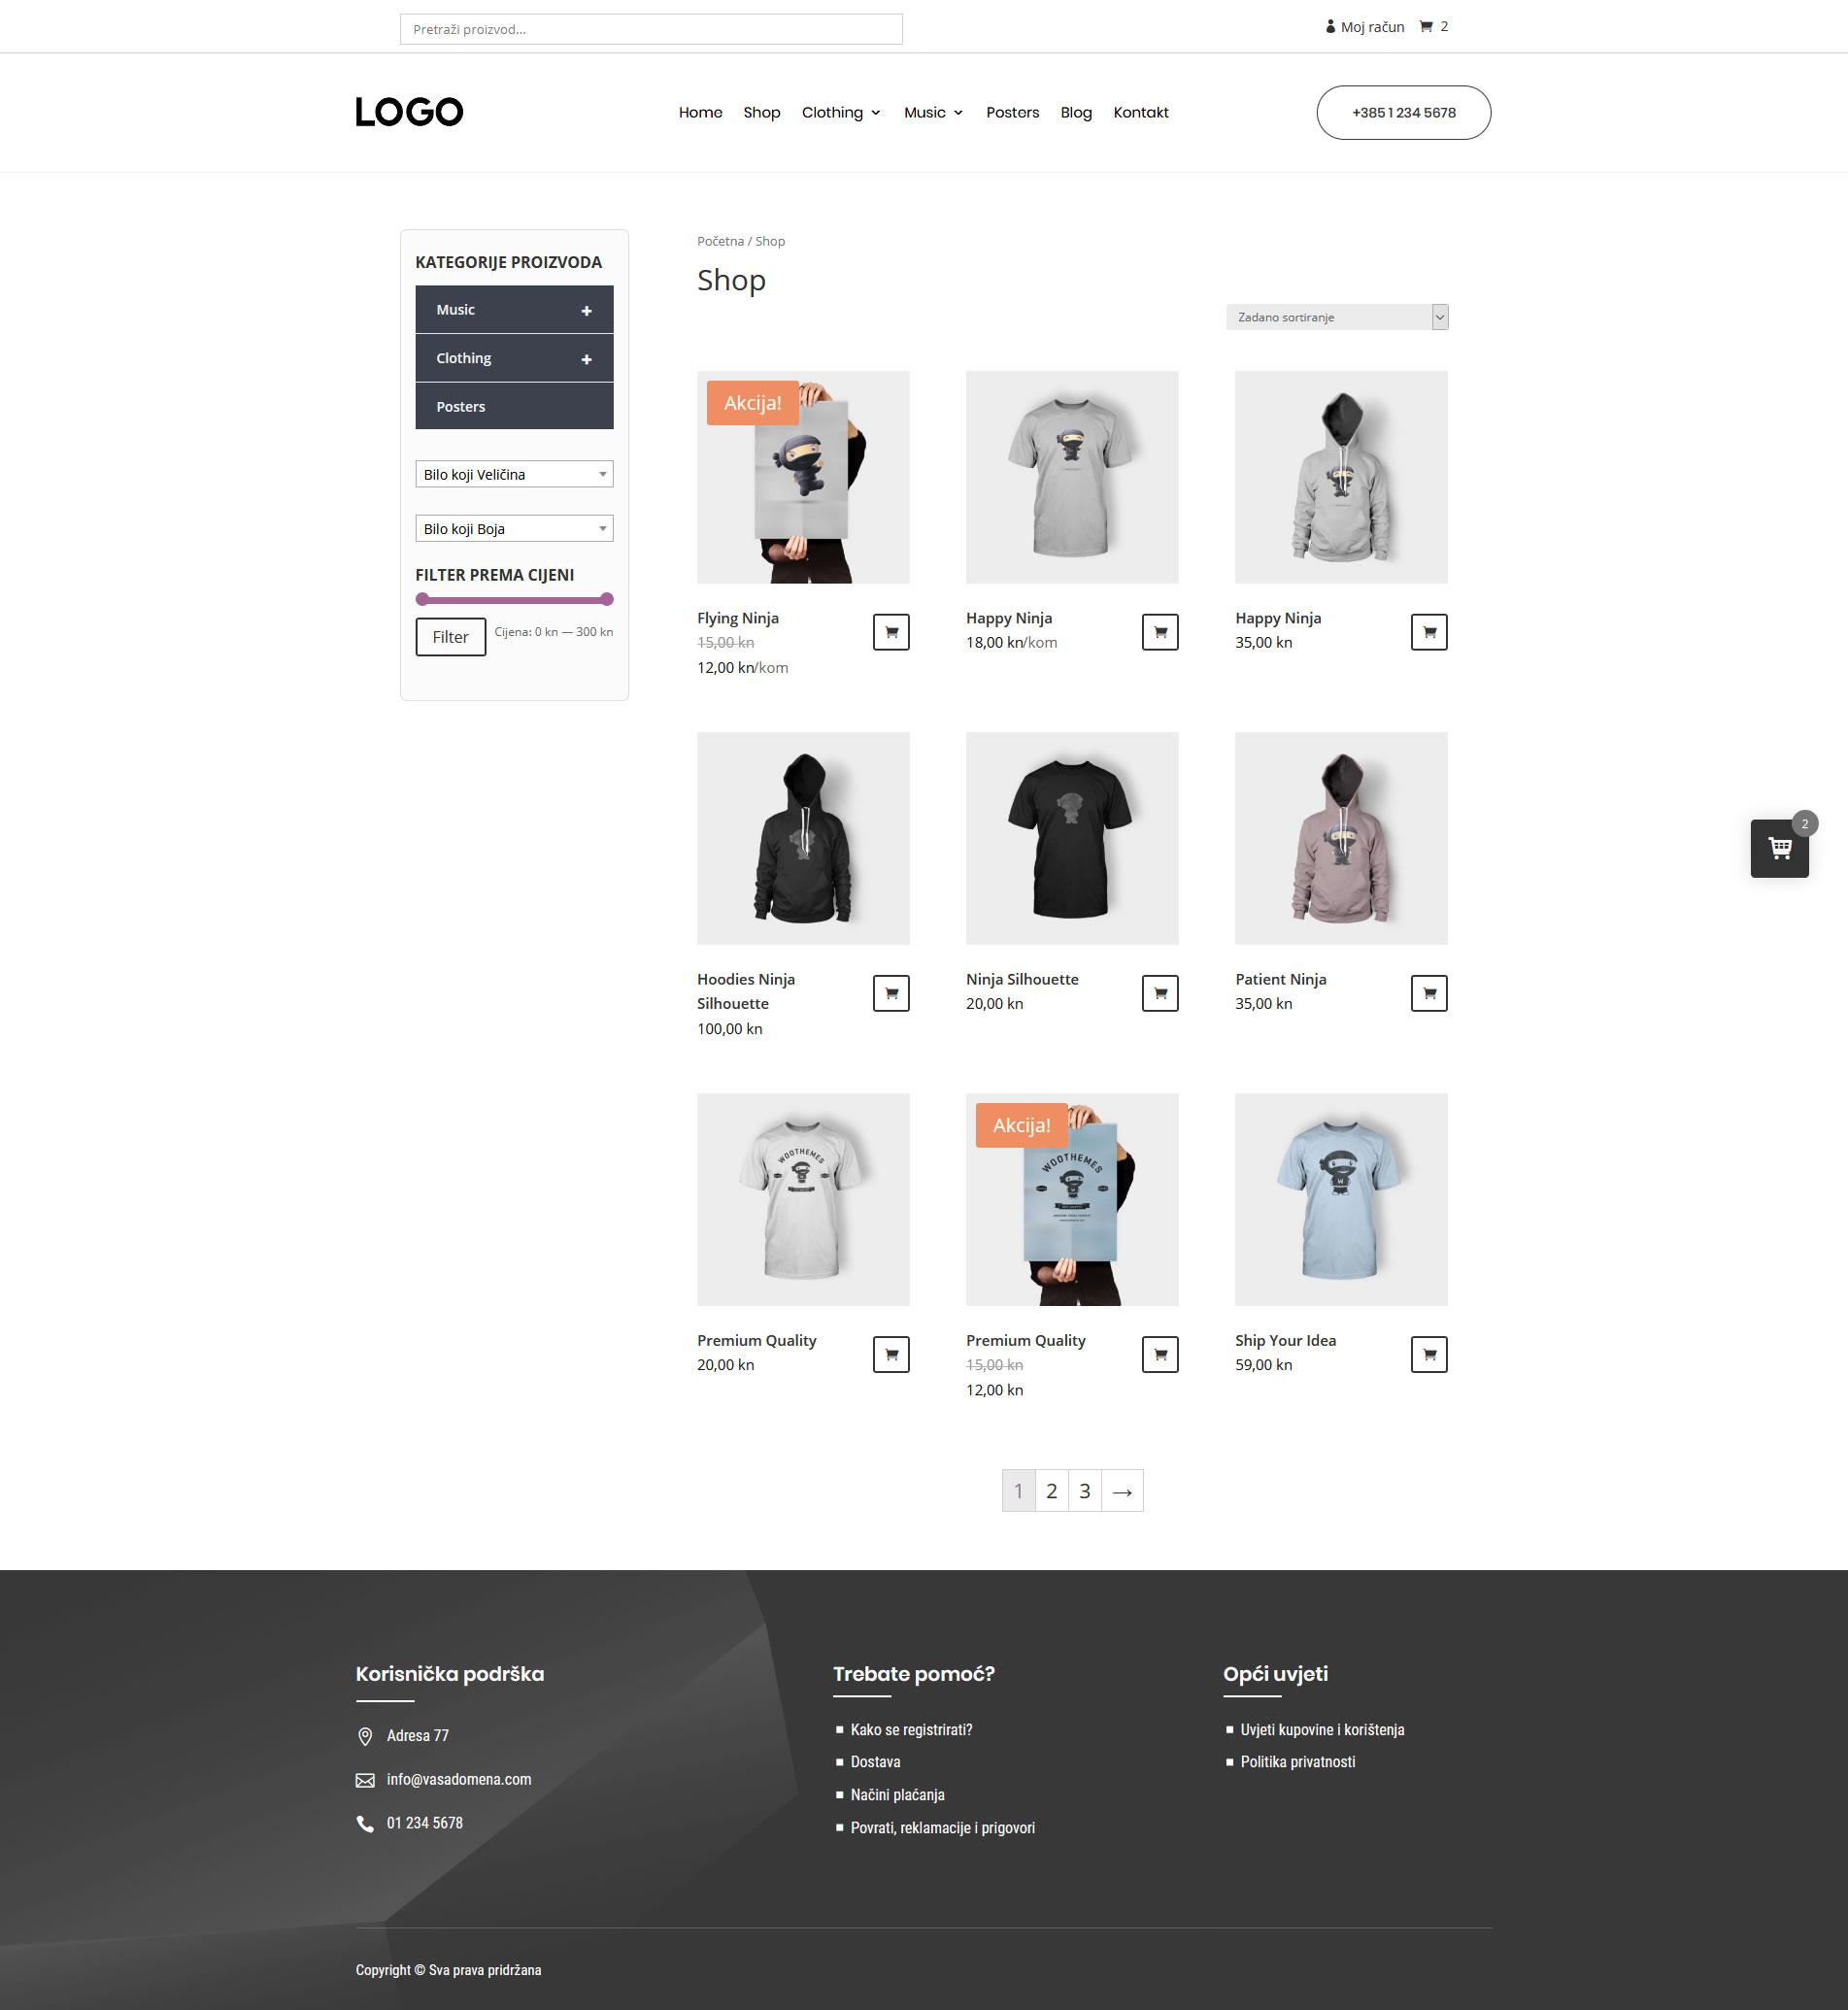 webshop-kategorija